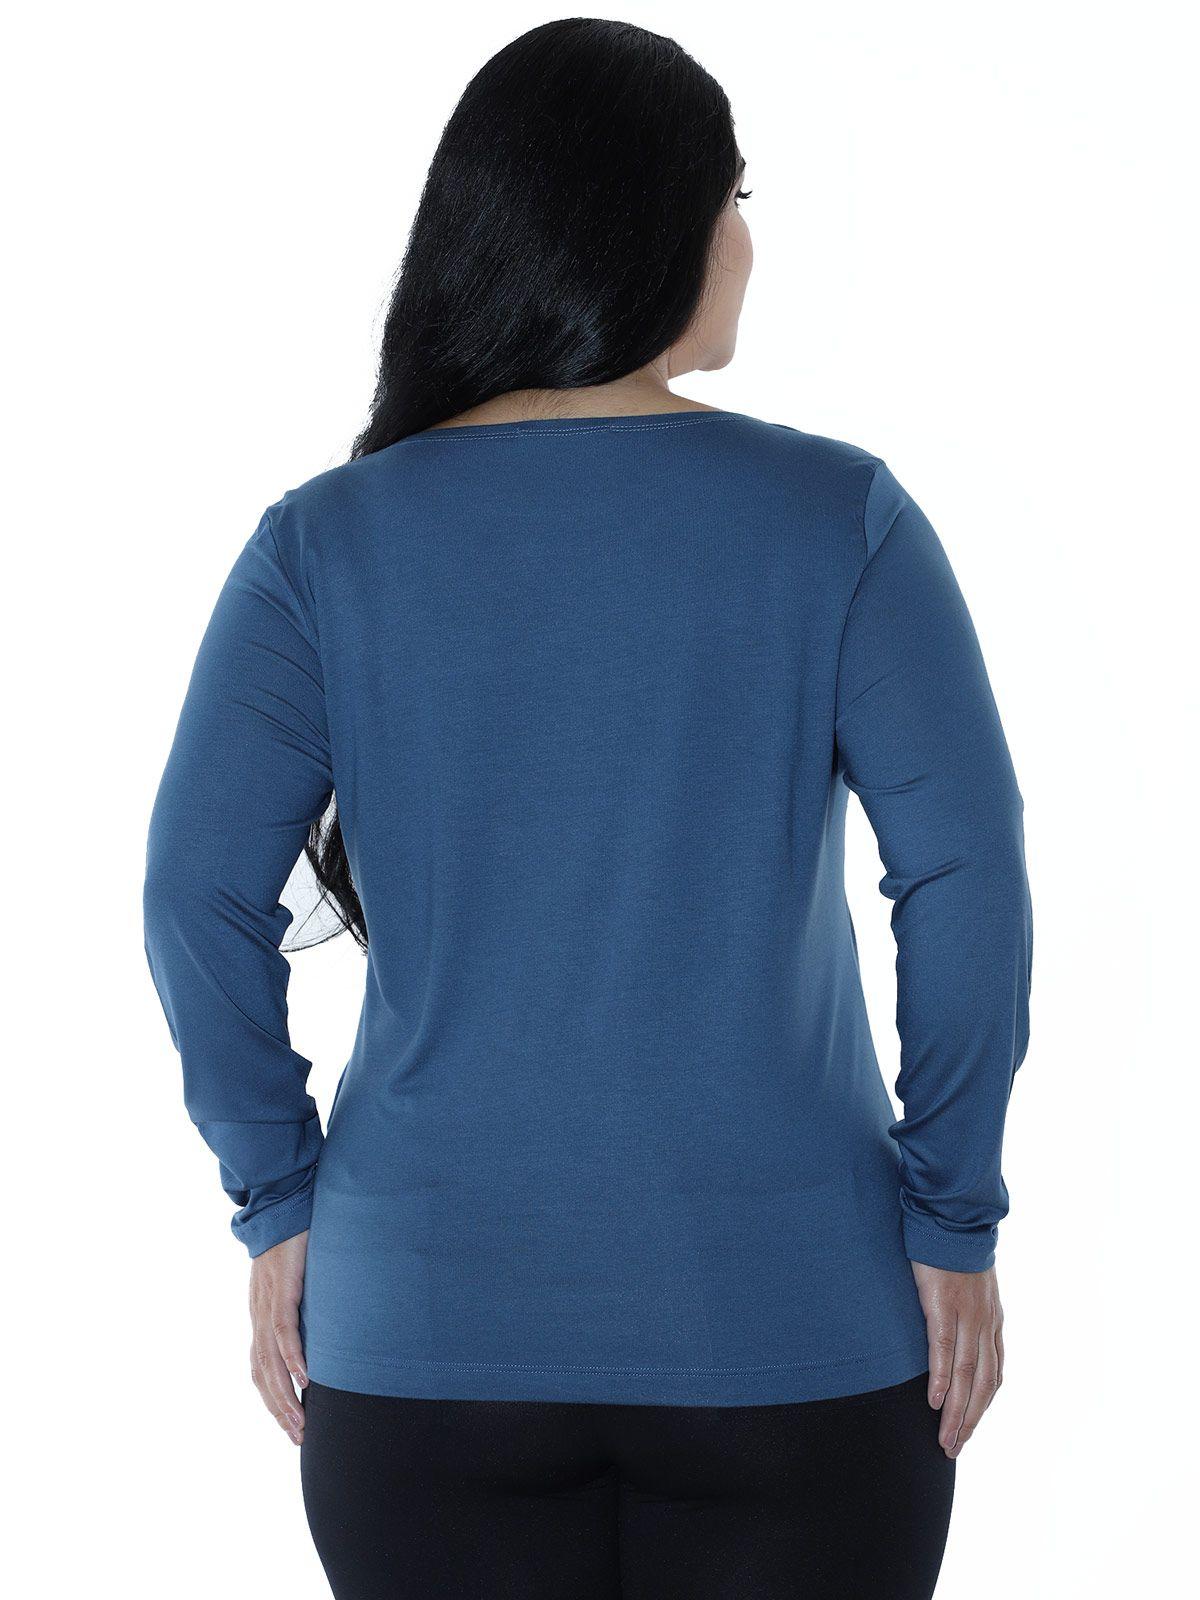 Blusa Plus Size Manga Longa Decote Canoa estampada Azul